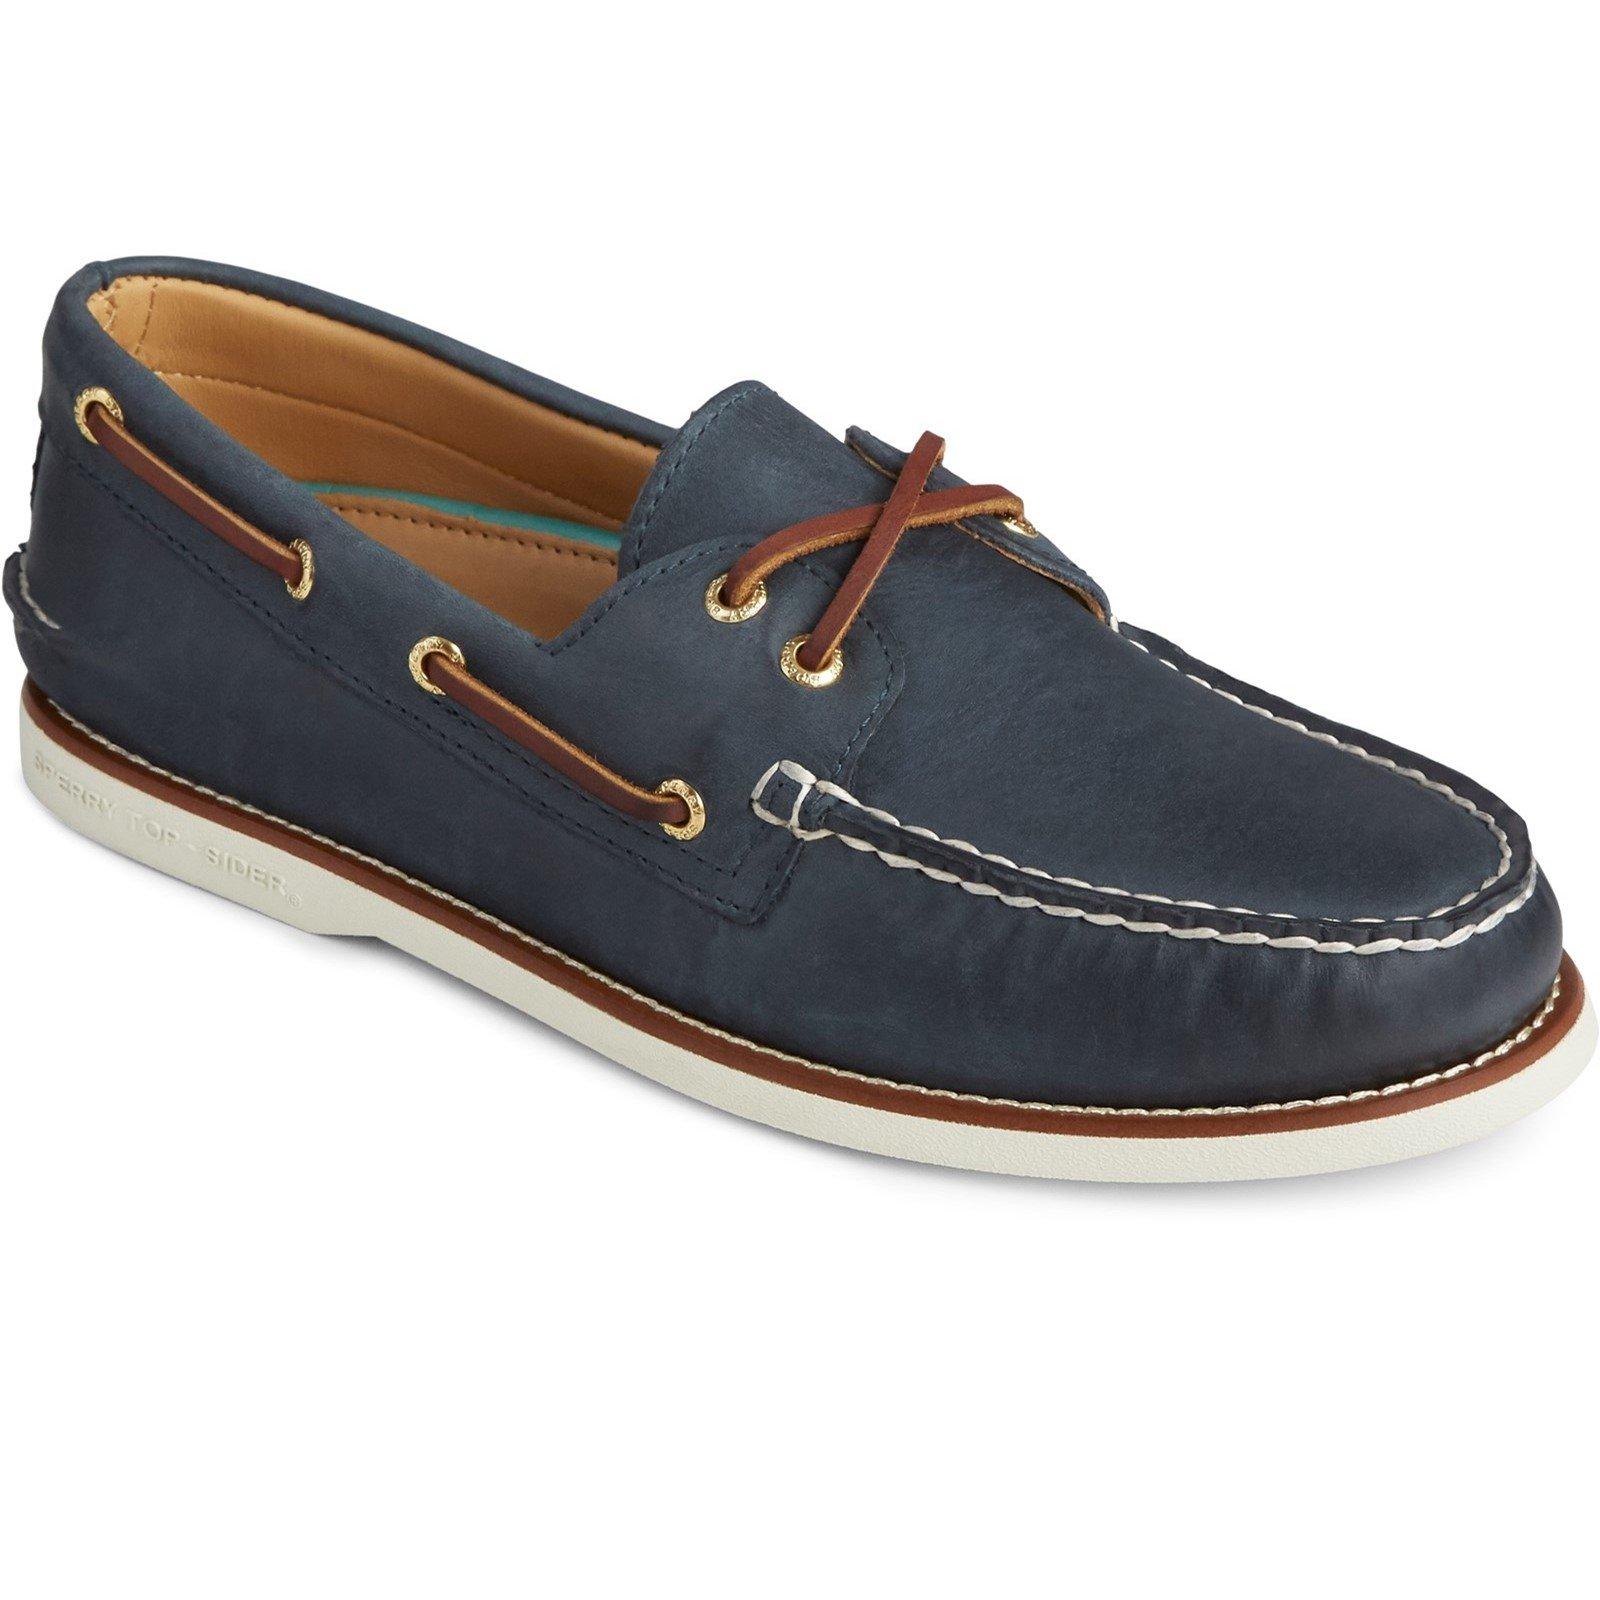 Sperry Men's Cup Authentic Original Boat Shoe Various Colours 31735 - Navy 8